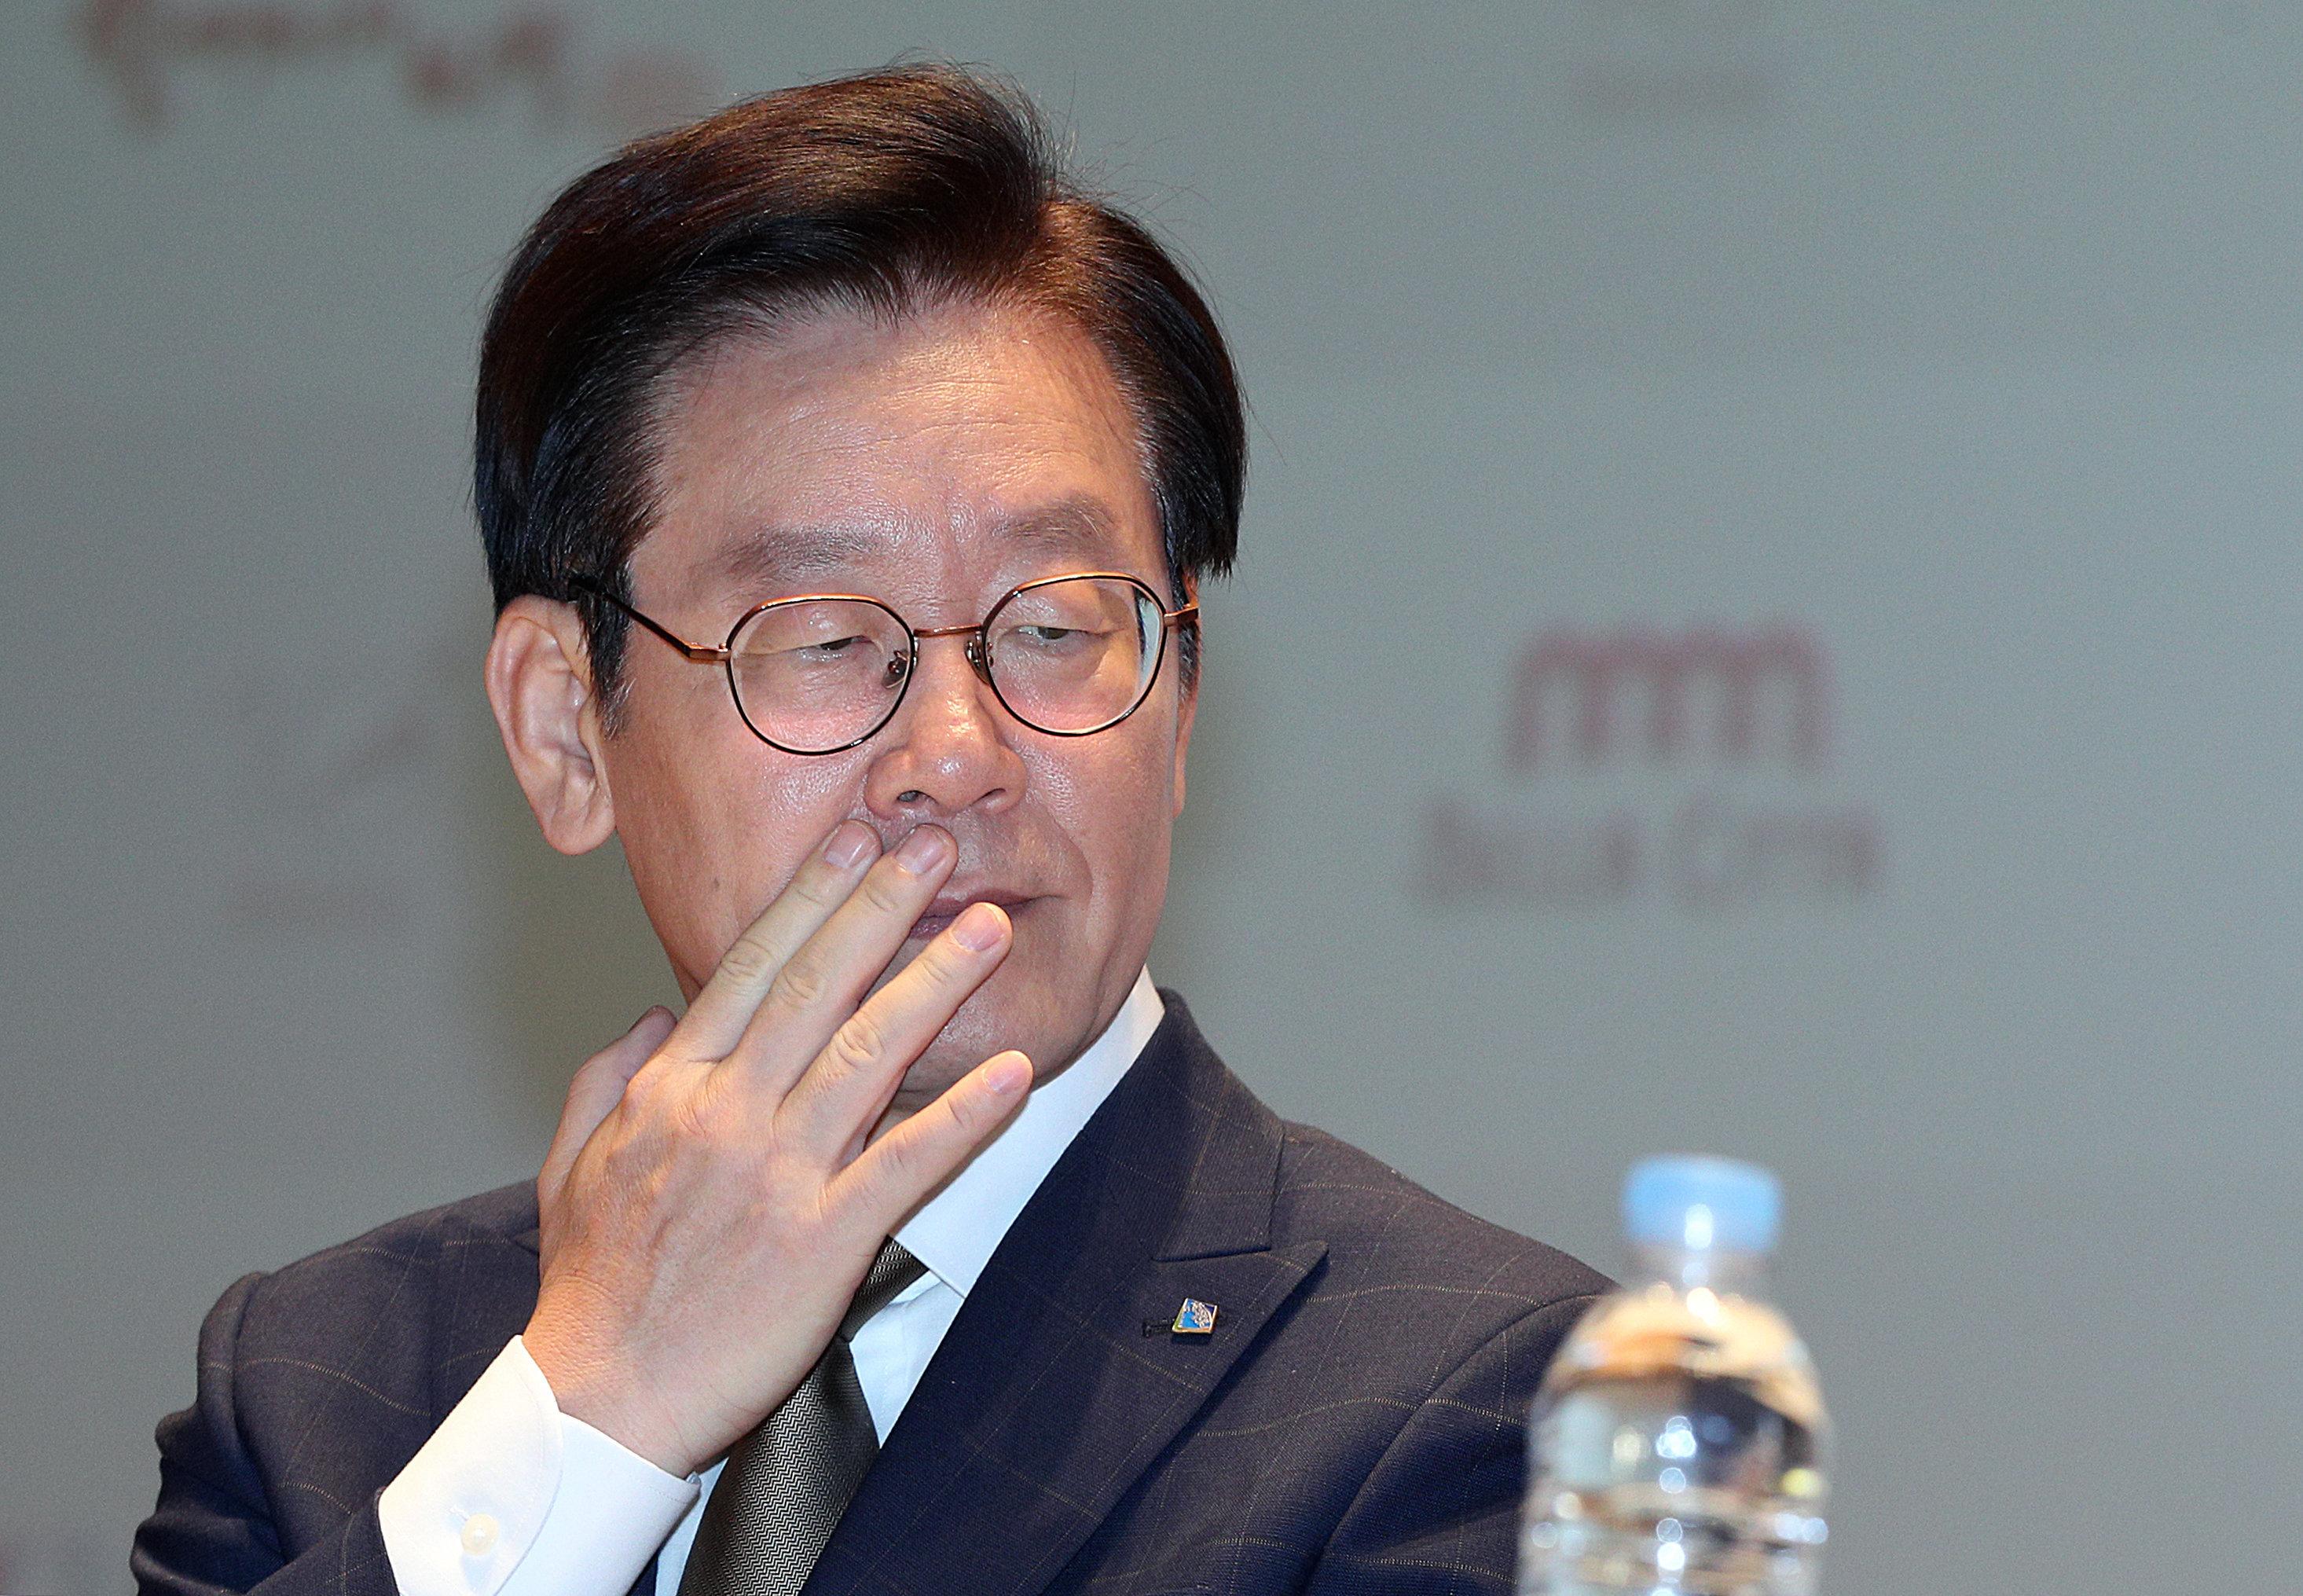 이재명이 '친형 정신병원 강제입원' 의혹에 대해 조목조목 내놓은